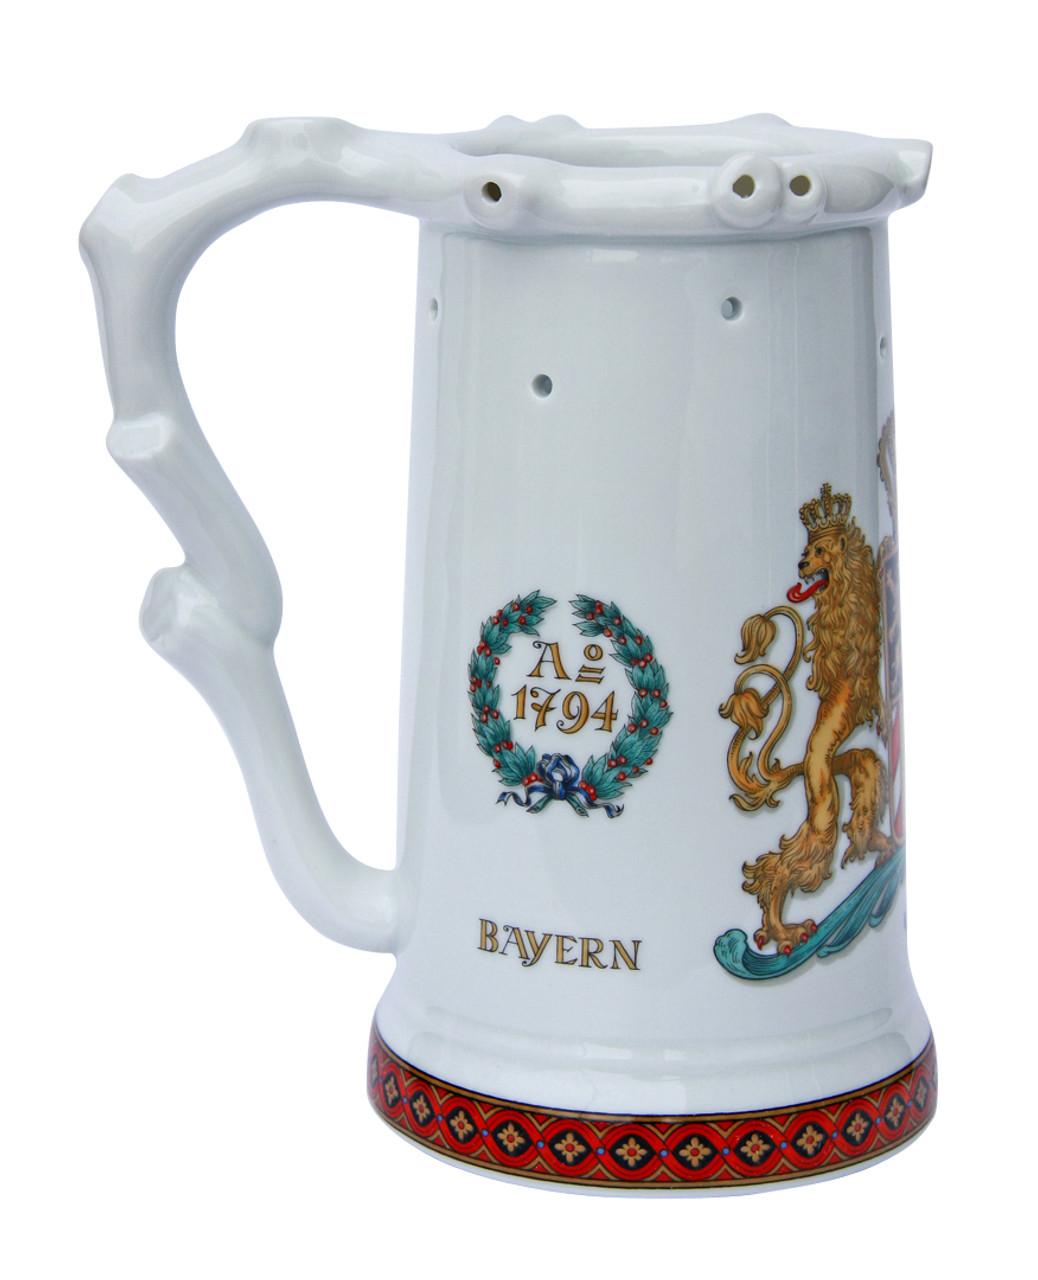 Bavaria Crest Porcelain Puzzle Beer Stein - GermanSteins.com